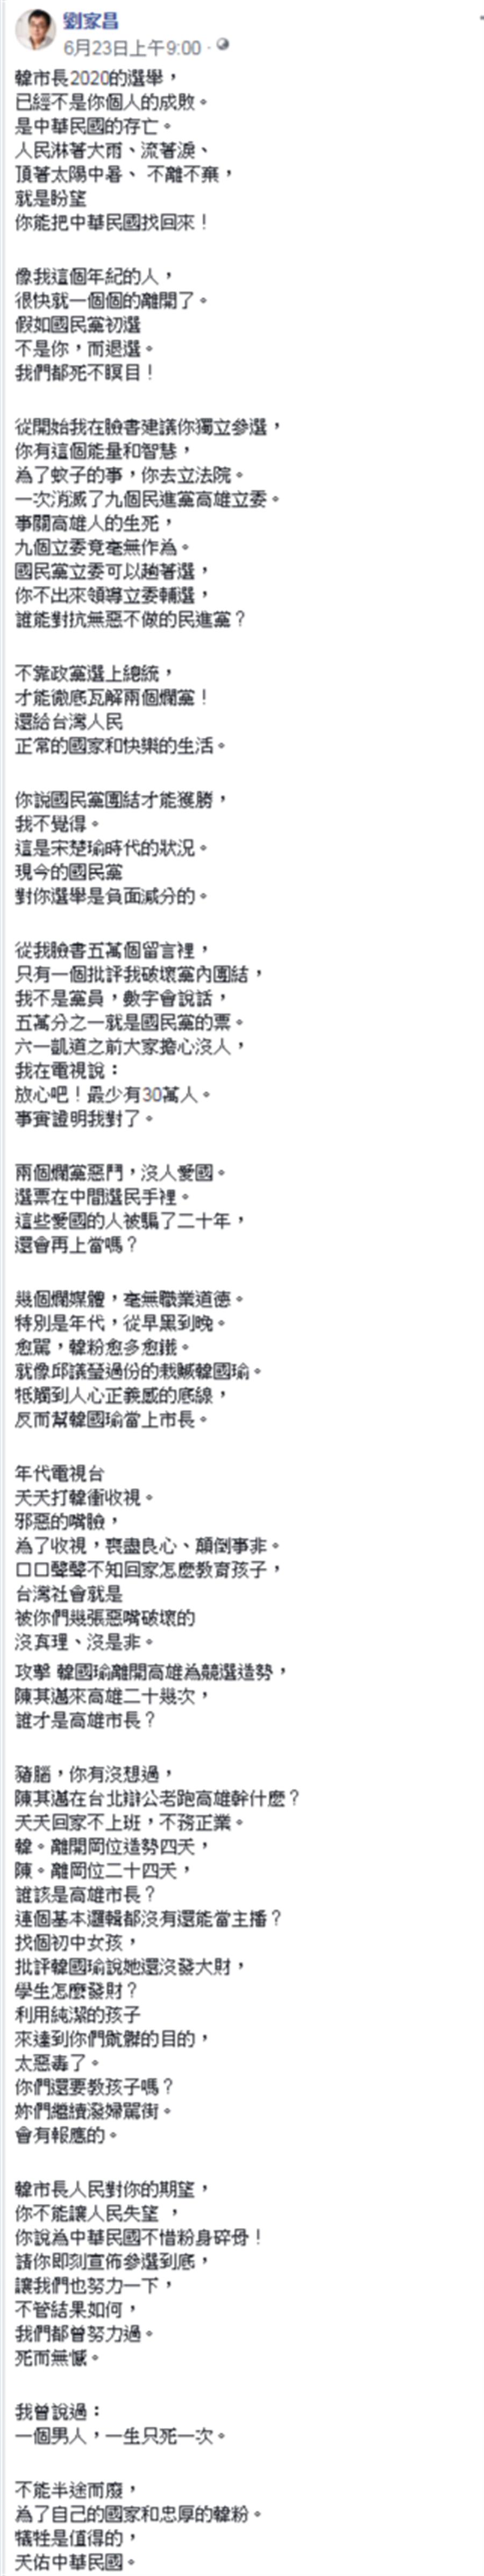 劉家昌臉書全文。(圖/劉家昌臉書)